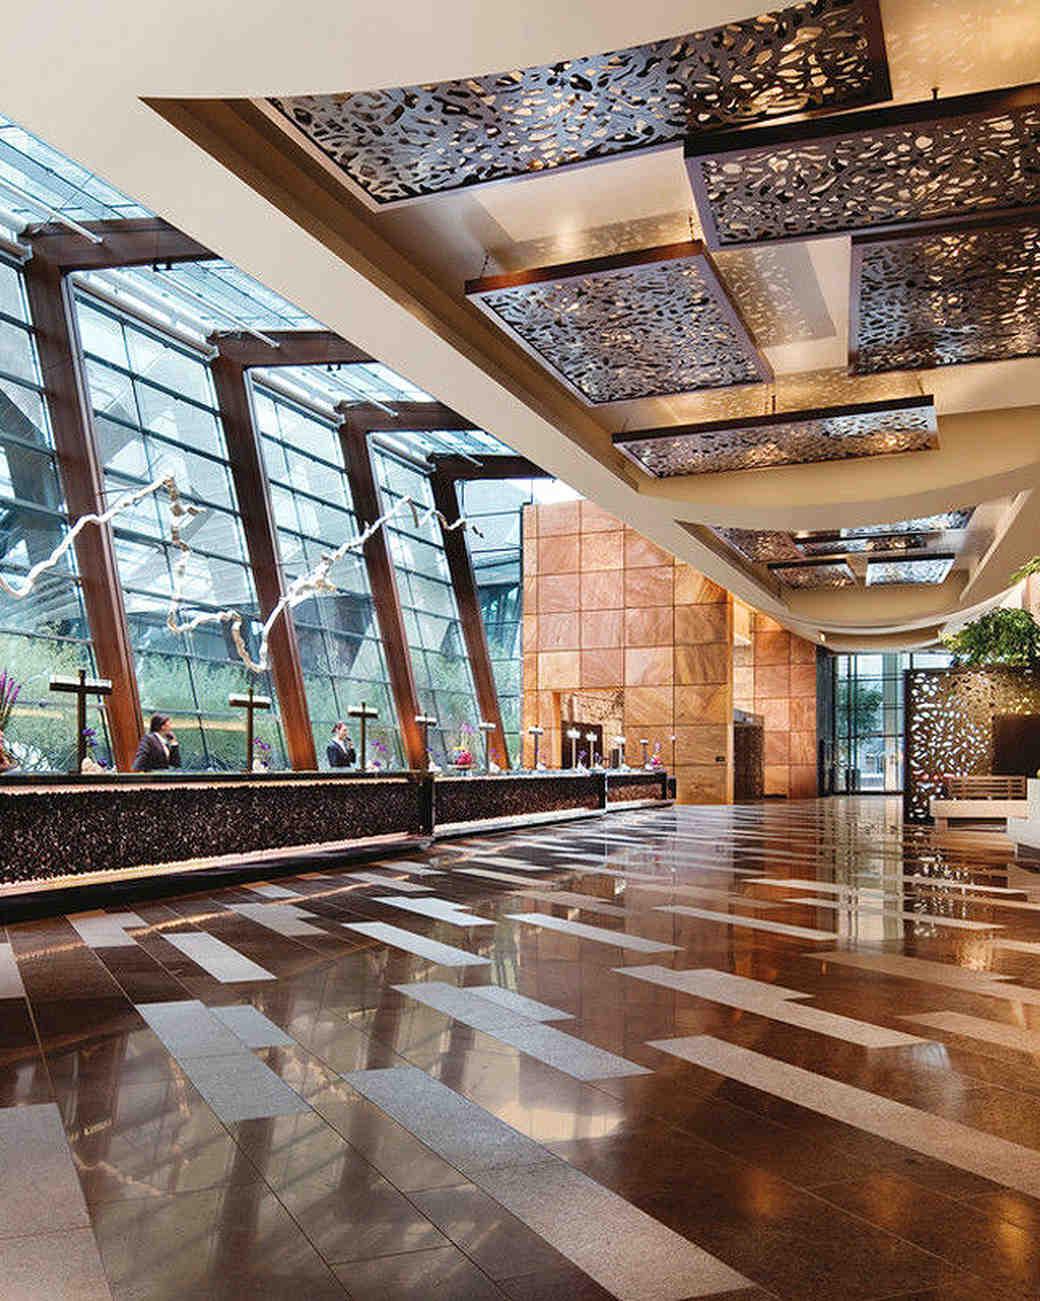 las vegas hotel aria resort casino